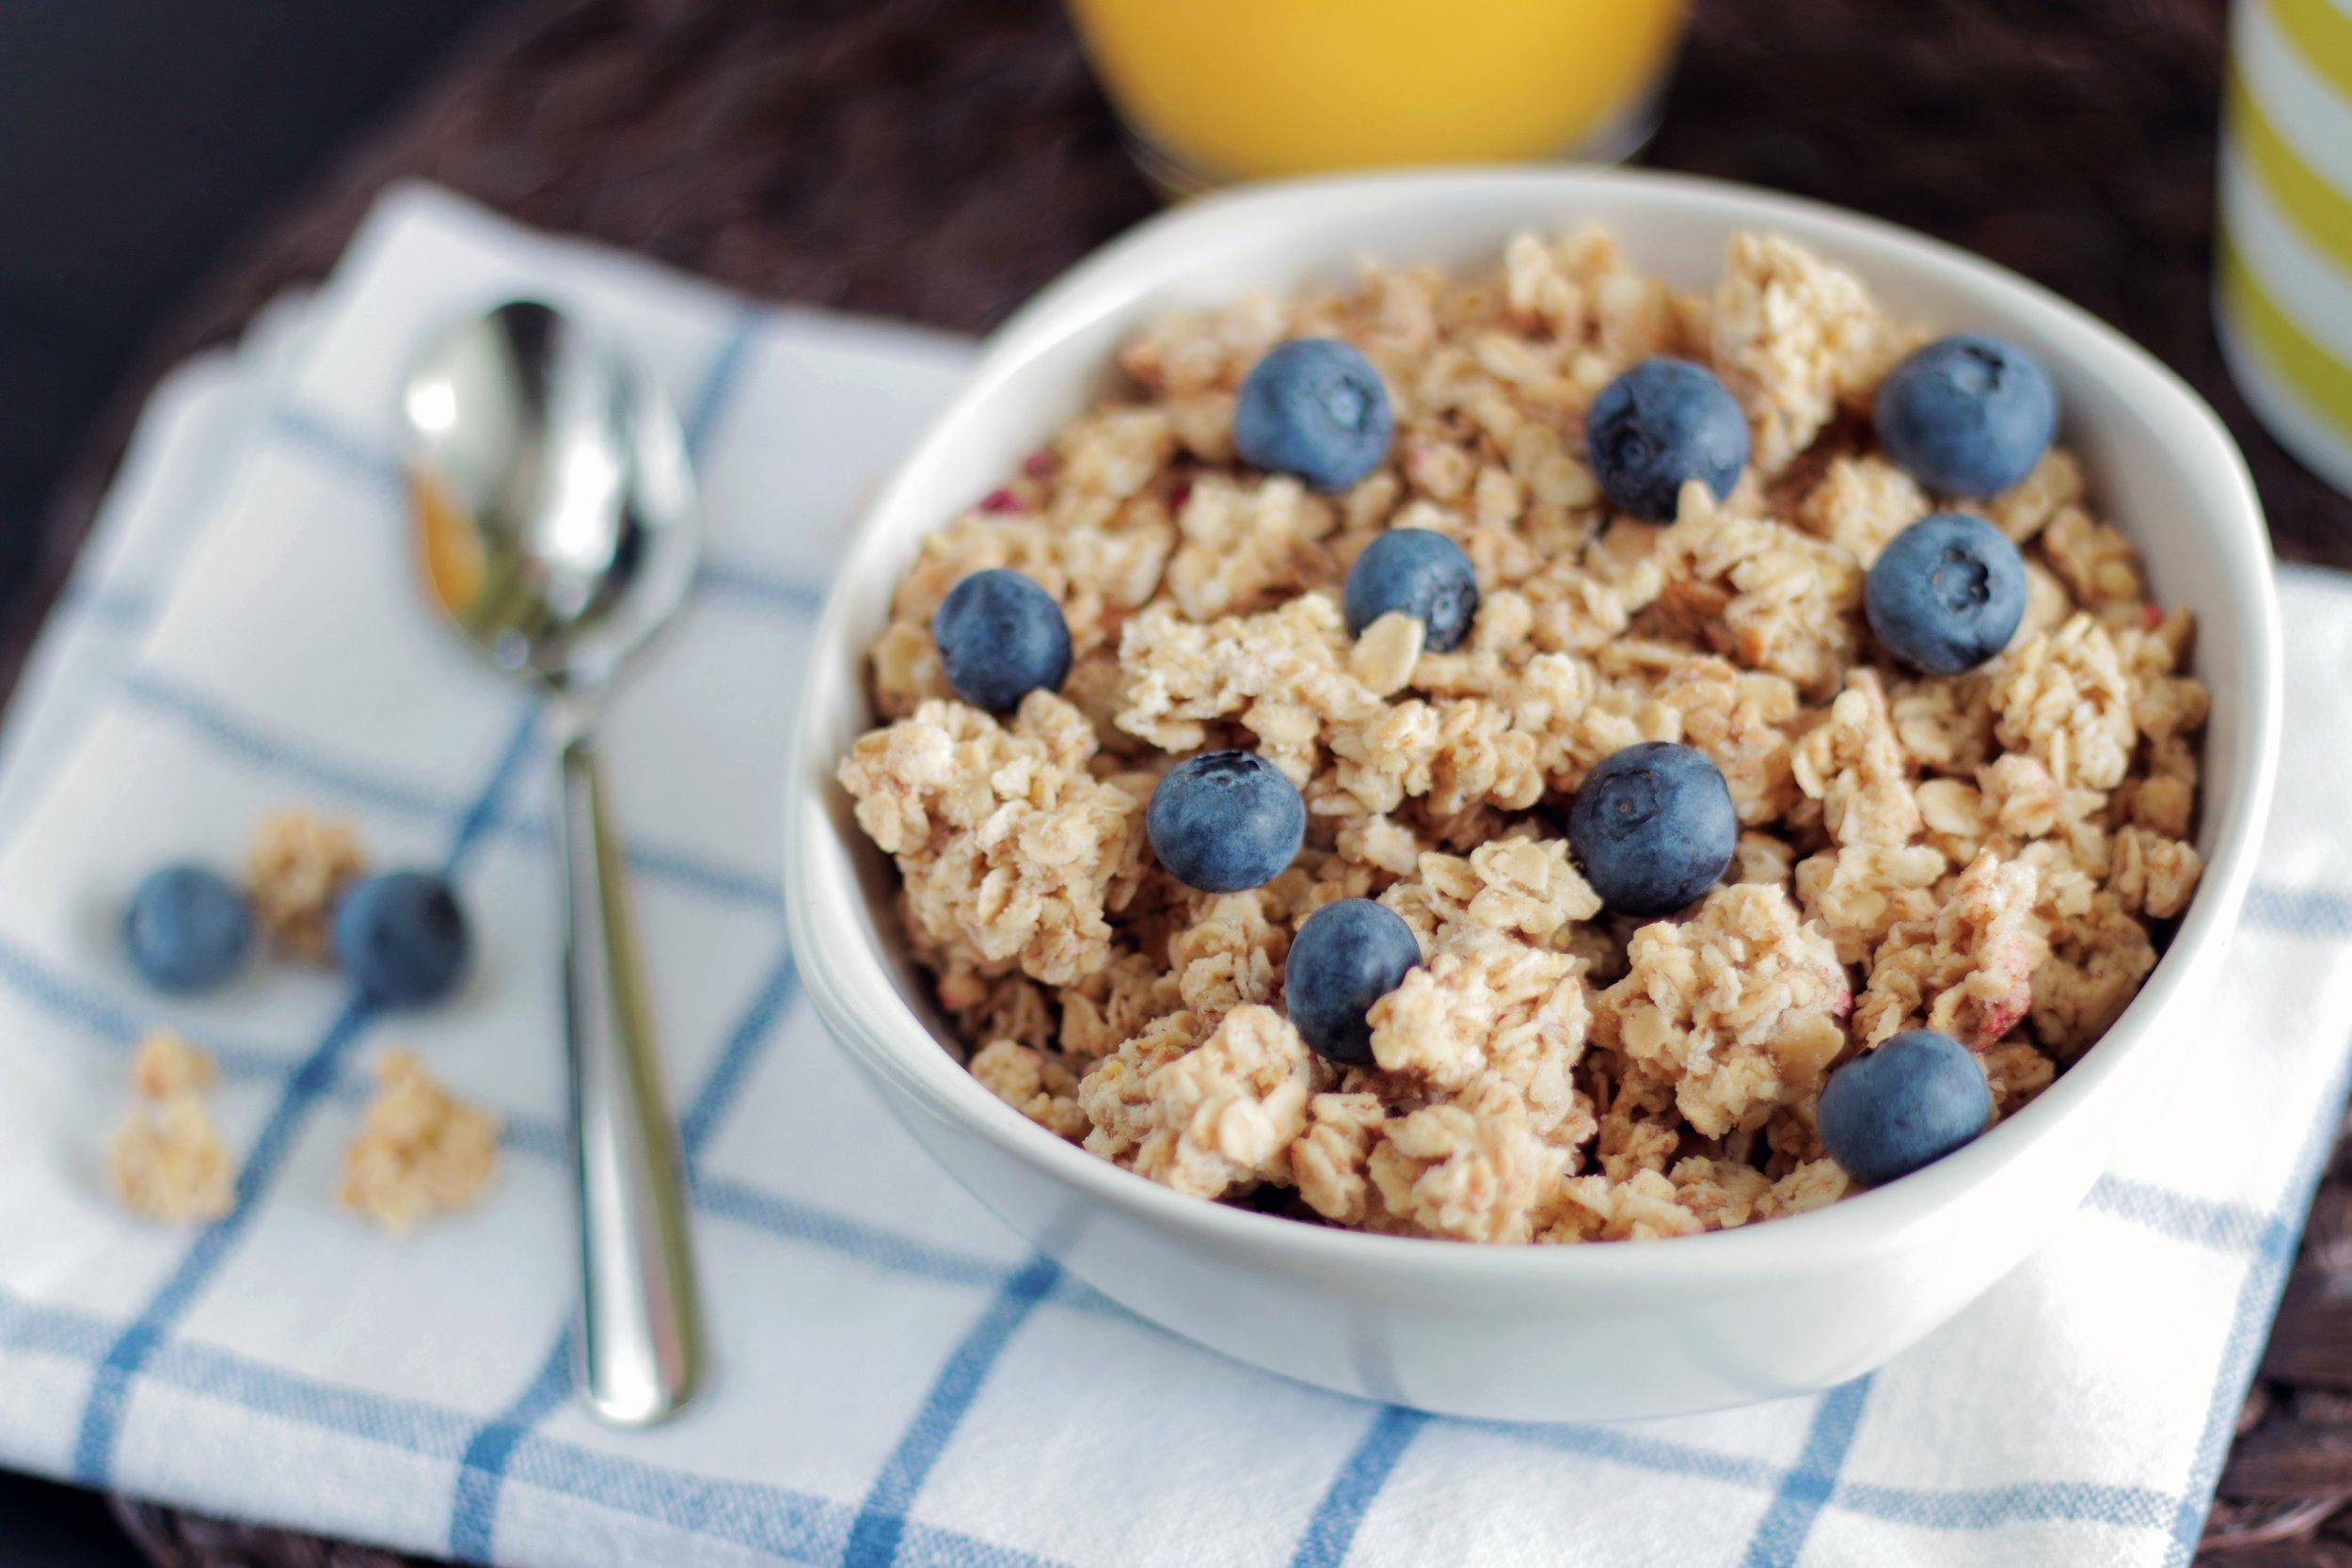 blueberry-bowl-breakfast-216951.jpg